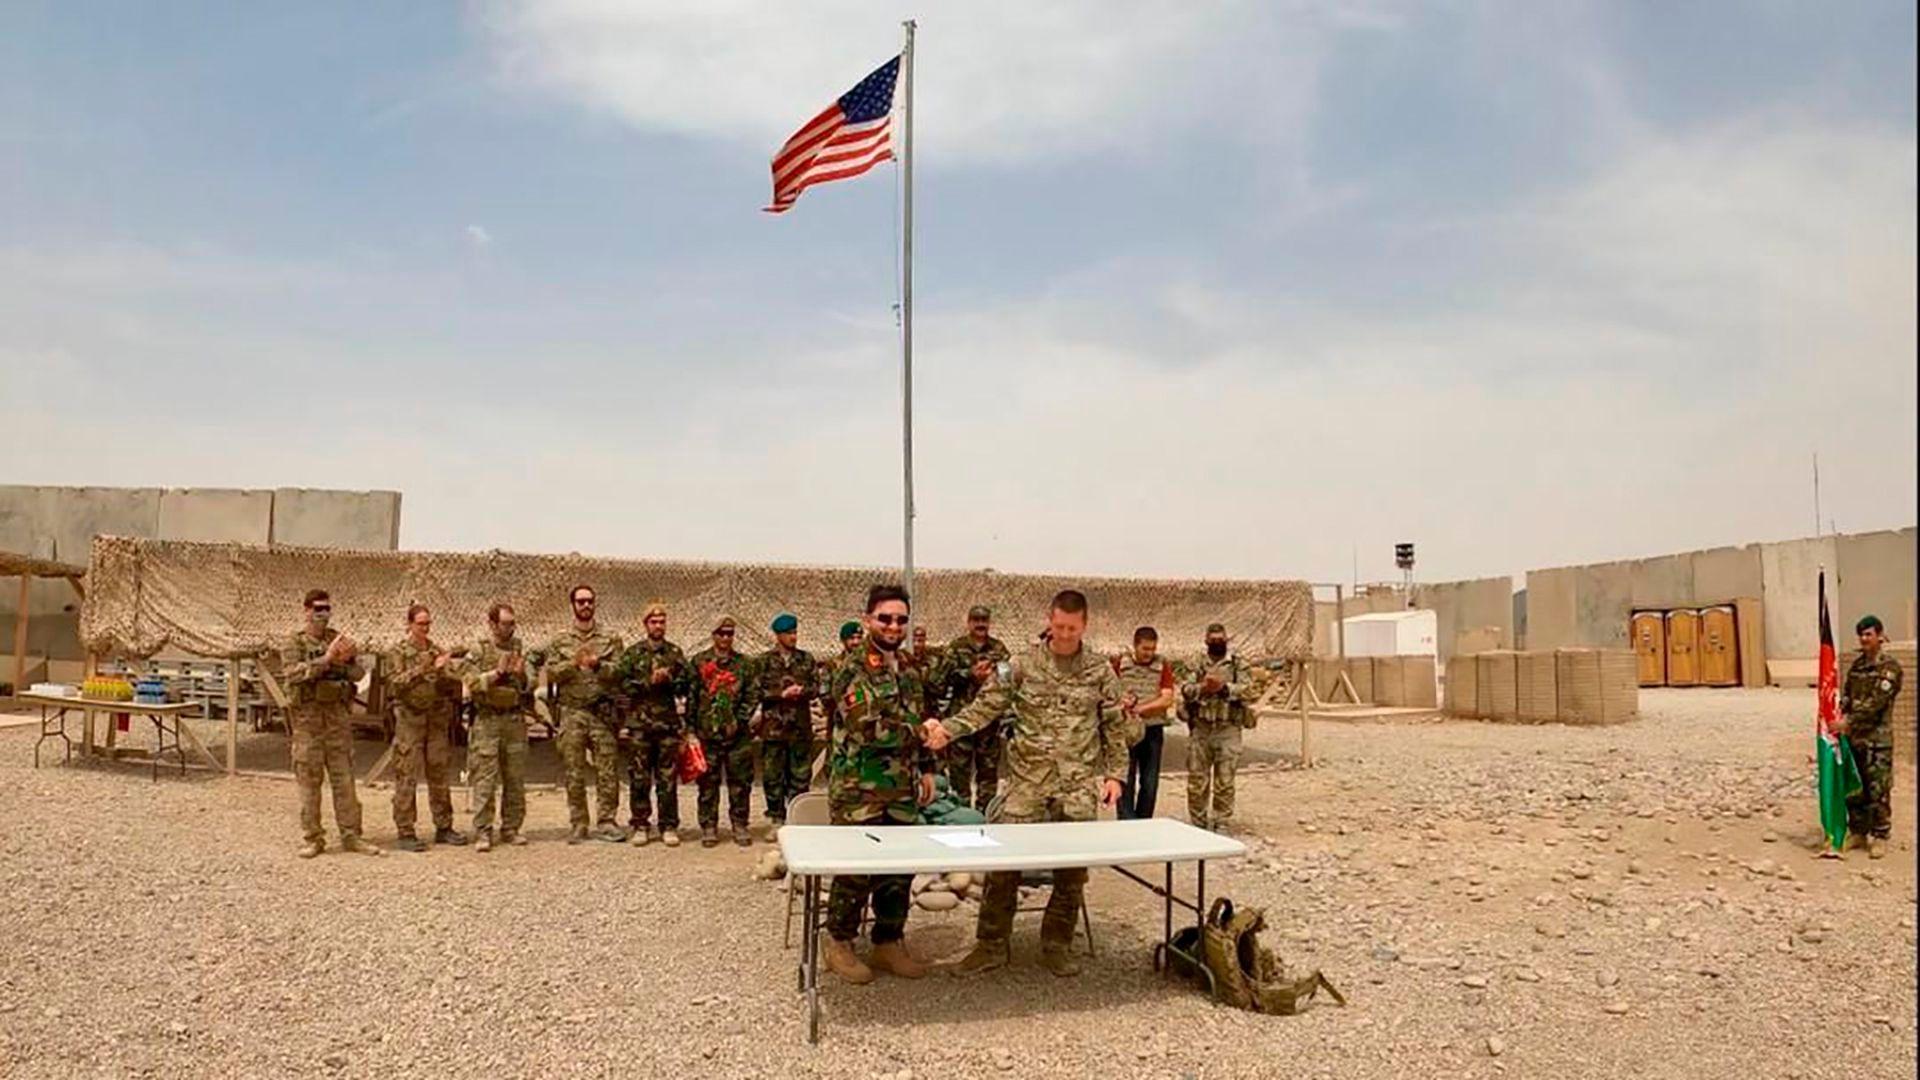 和美国打了20年,致2000多美军阵亡的塔利班,竟对中国这么说